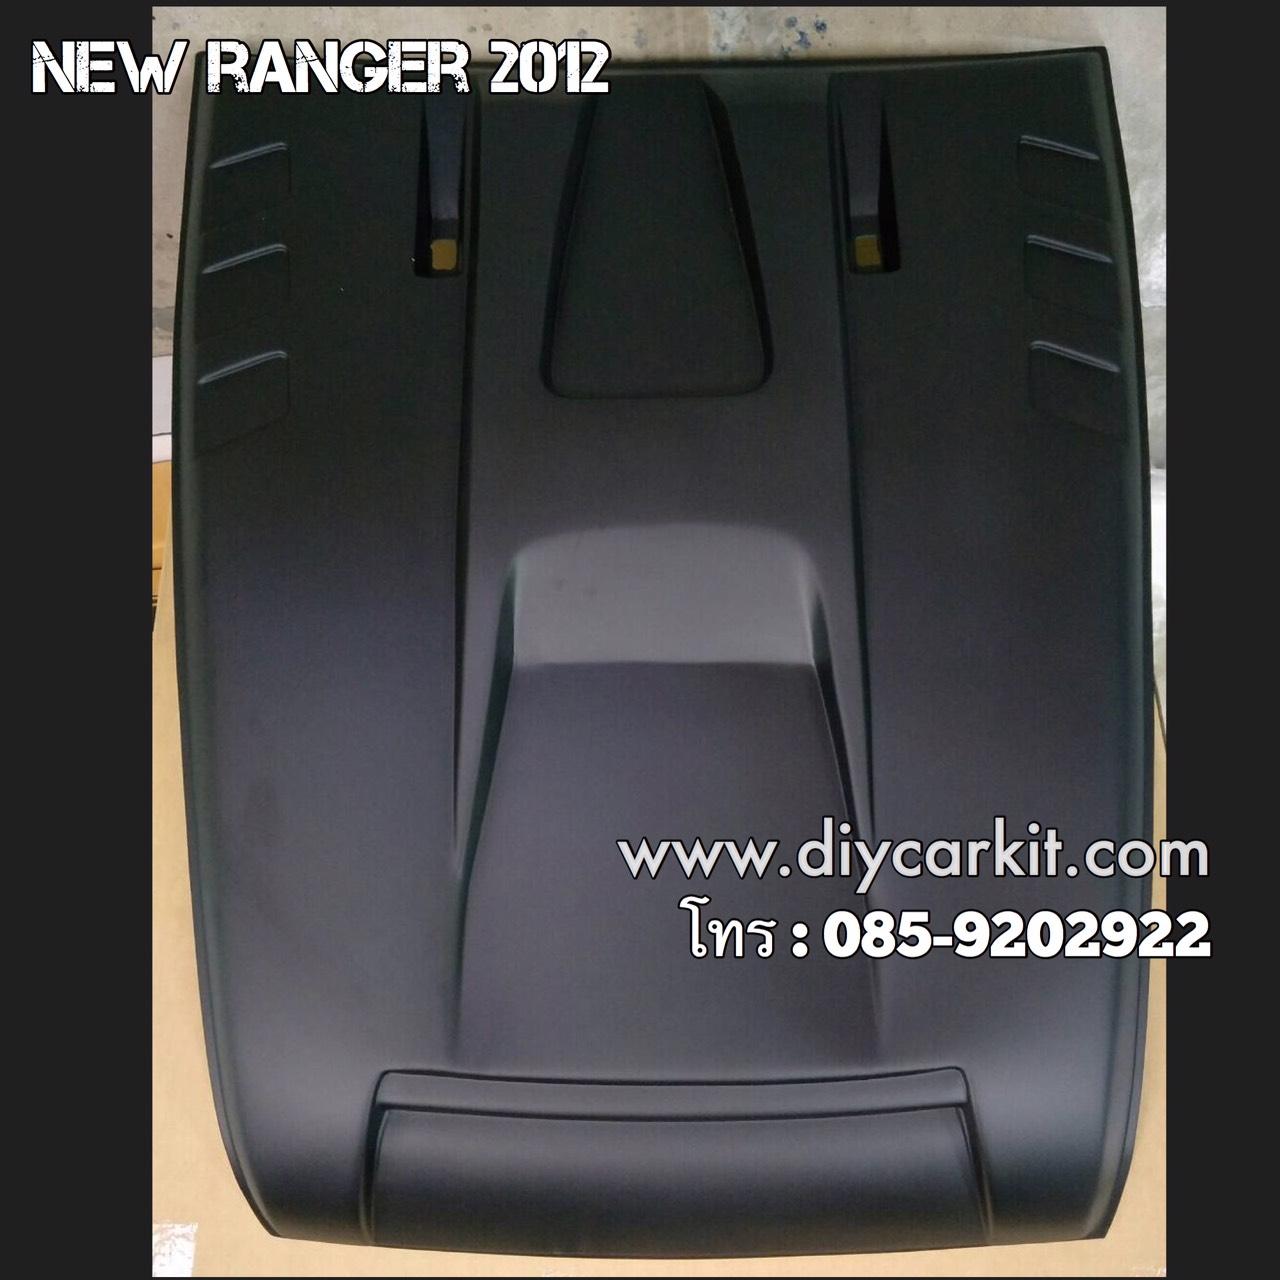 ช่องลมหลอกฝากระโปรงหน้า V3 New Ranger12